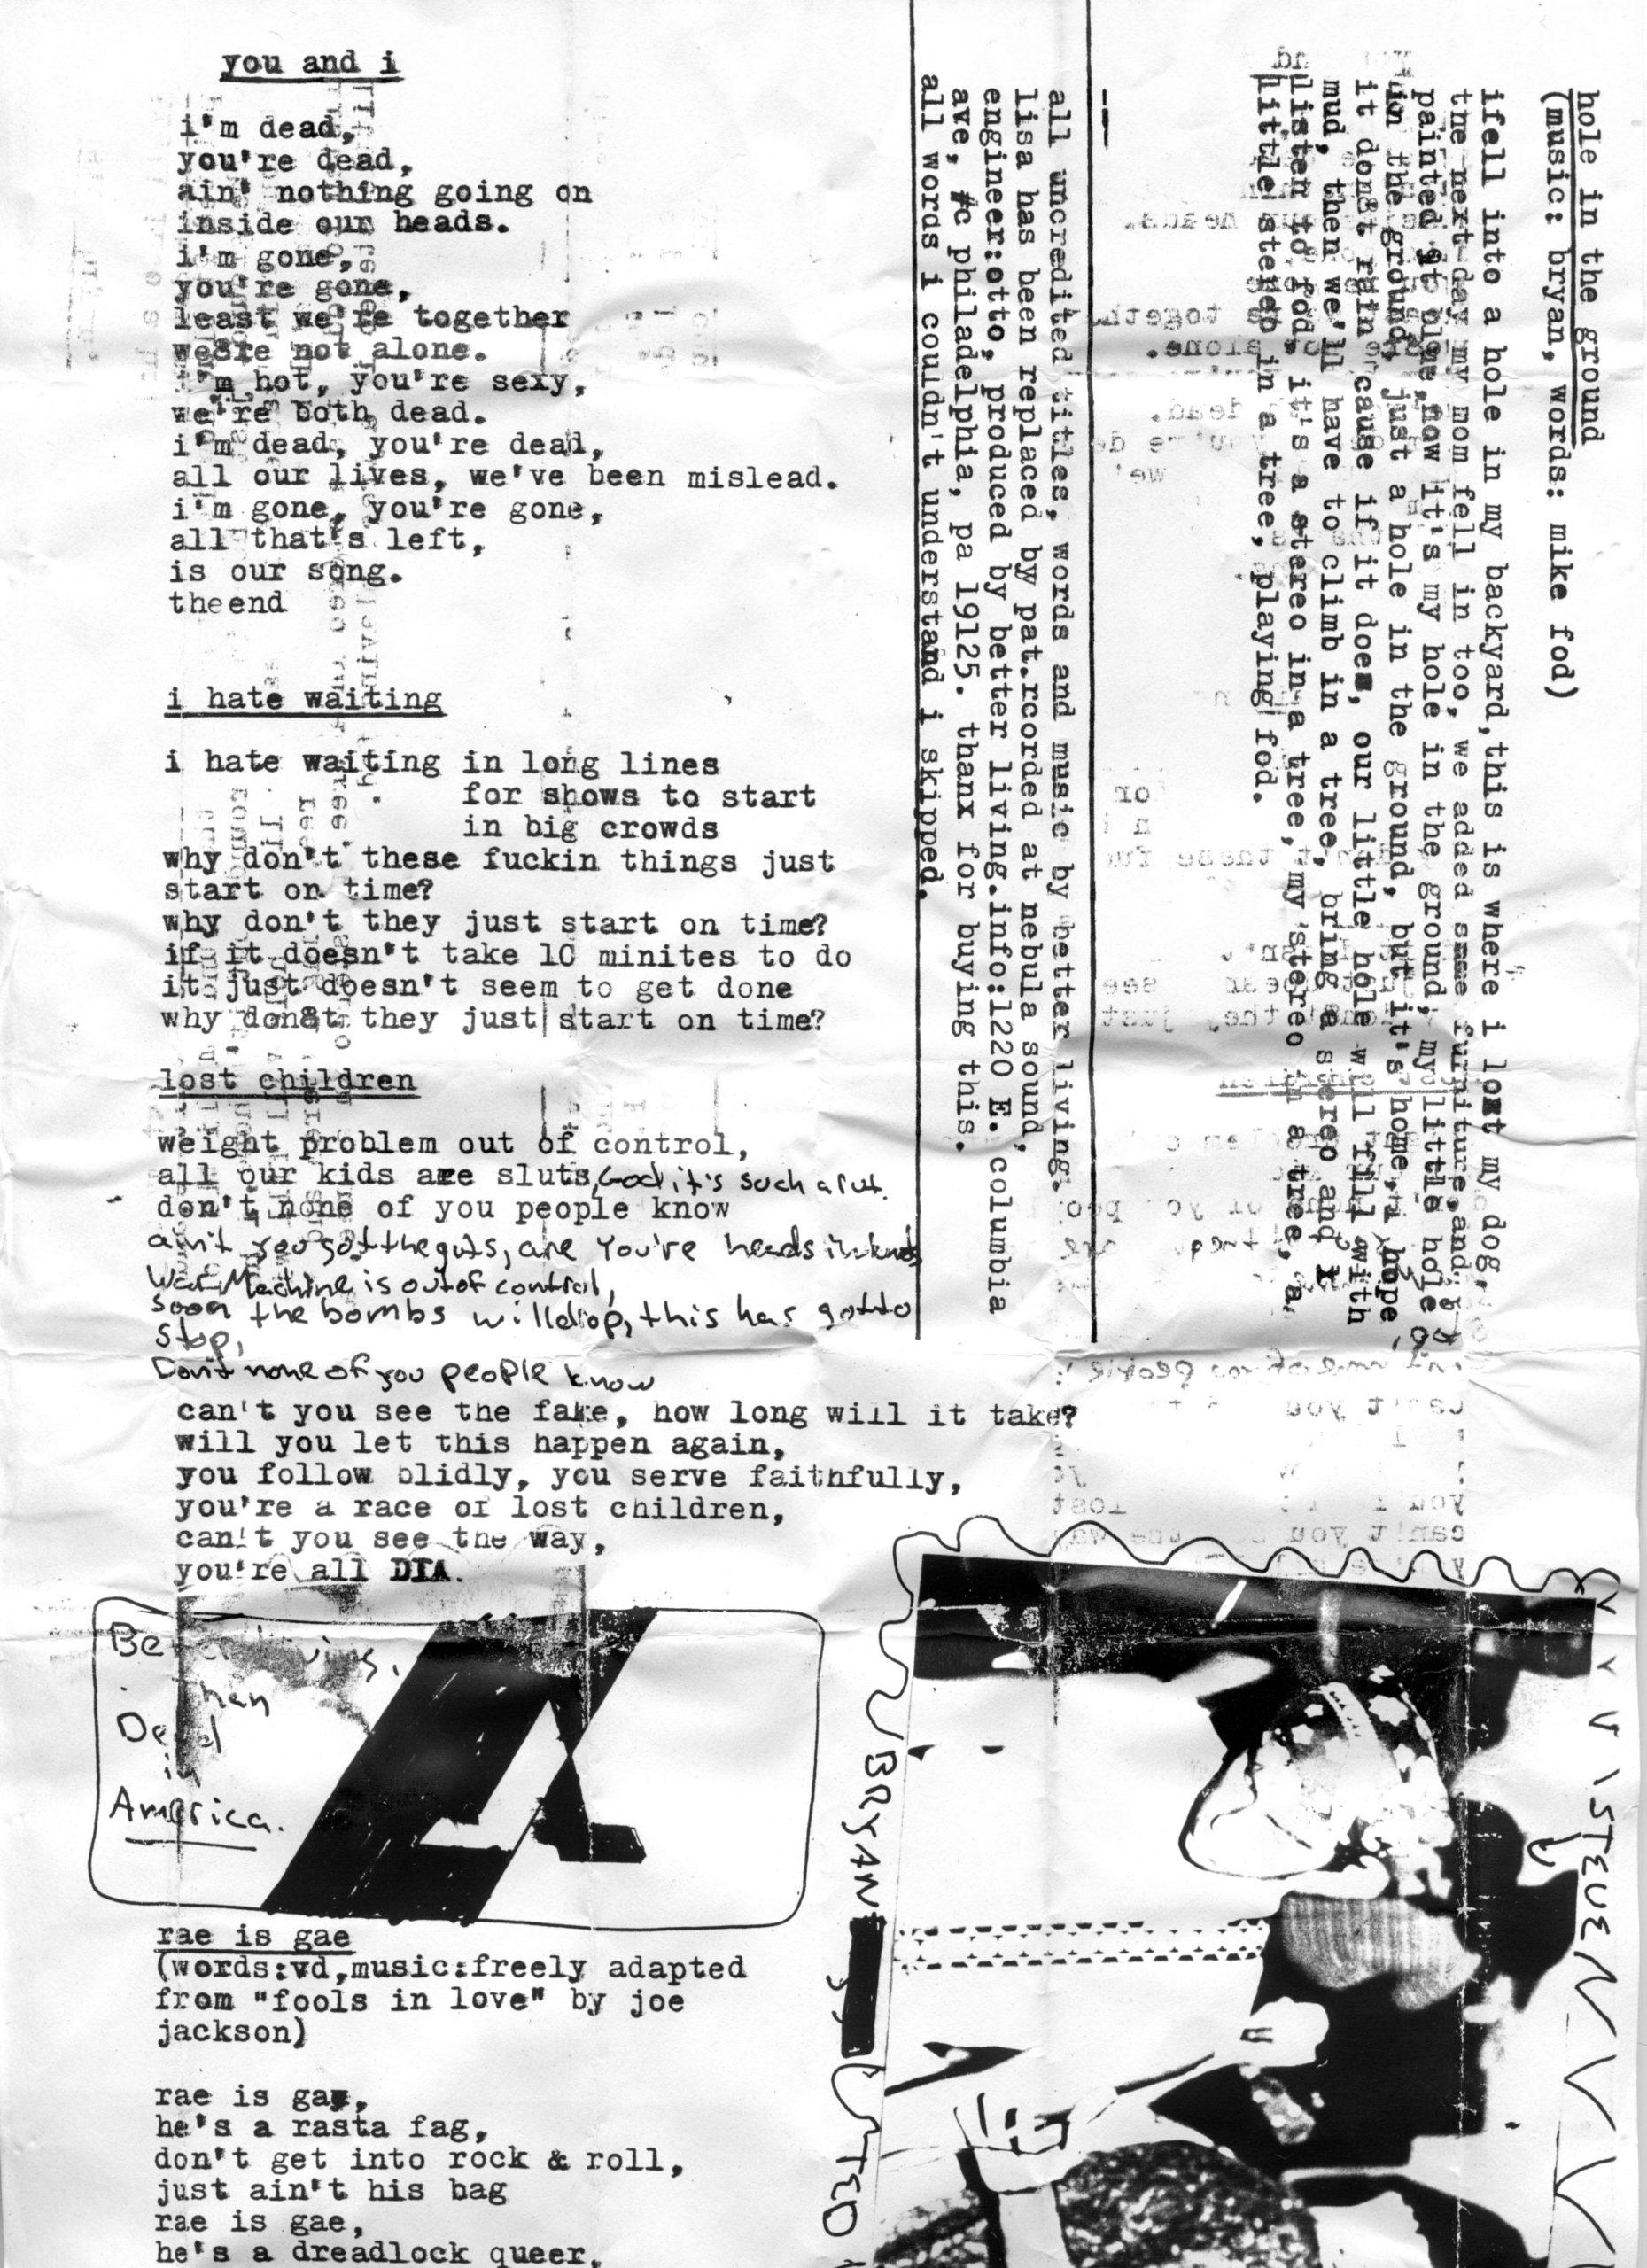 lyric sheet 1